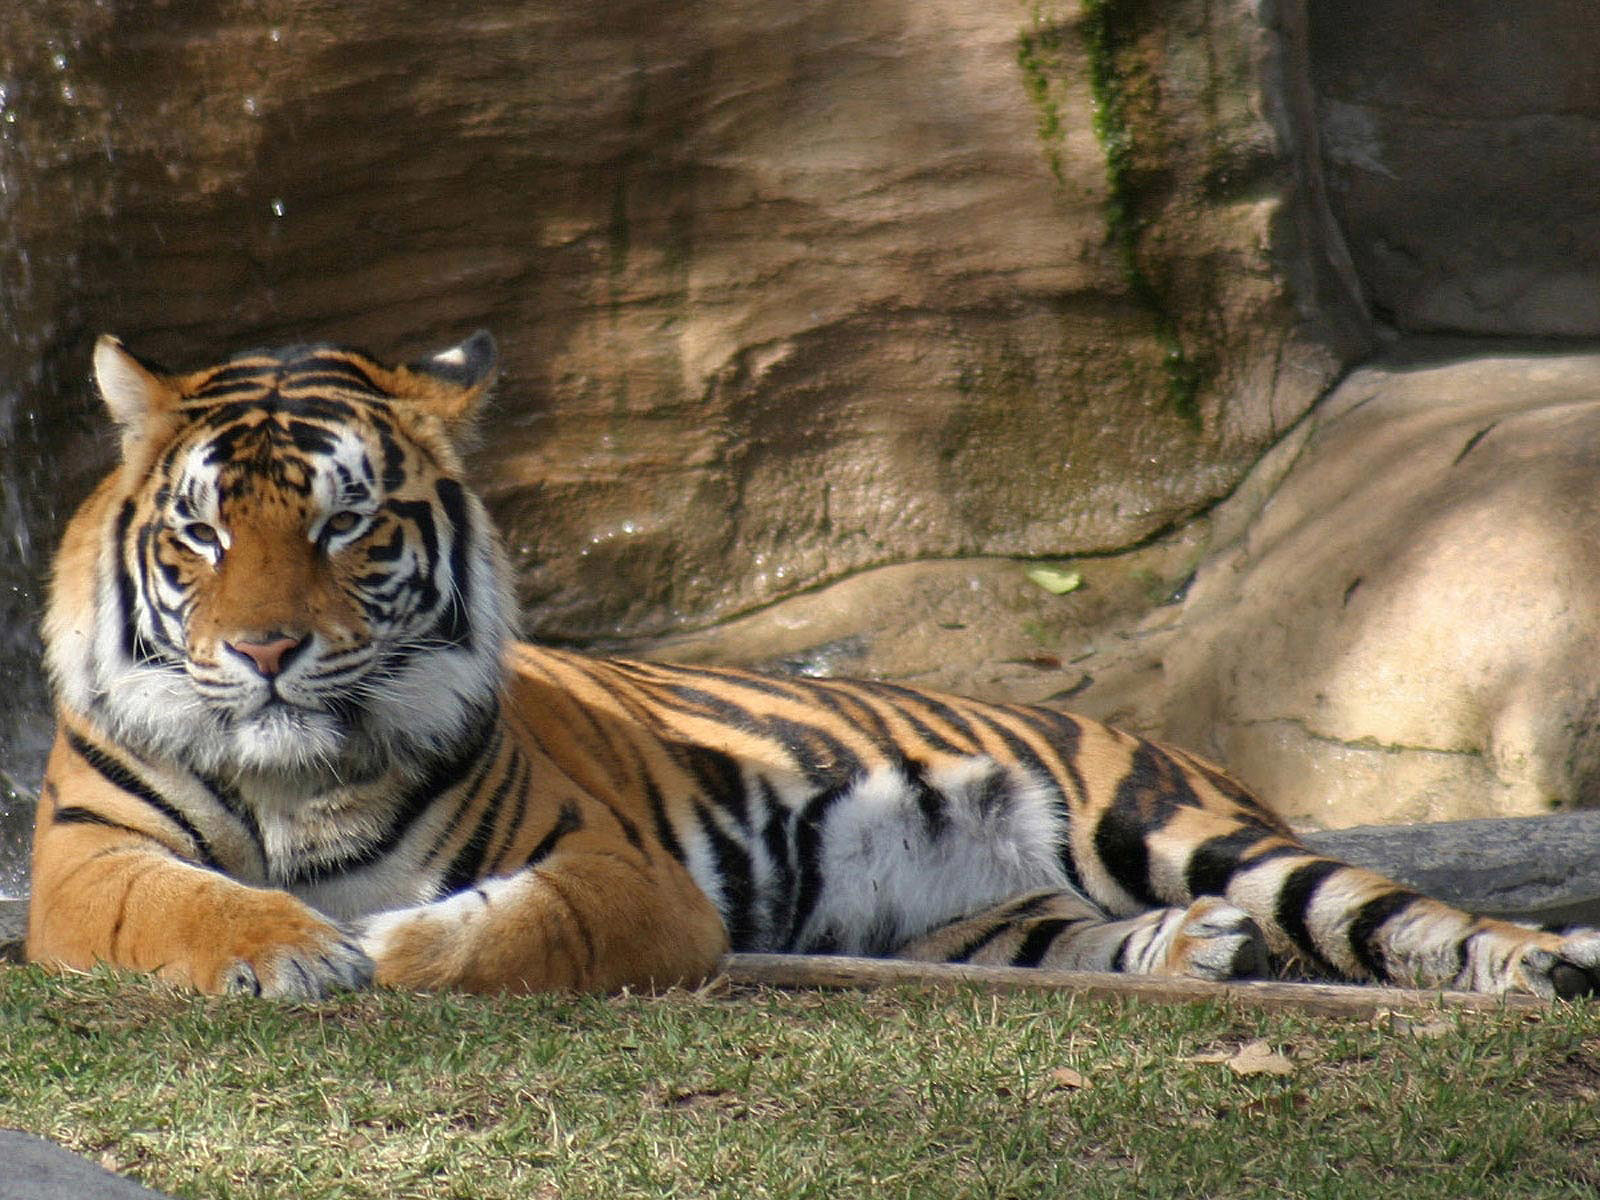 Hintergrundbilder Tiger Kostenlos - Homepage: Auflösung der Hintergrundbilder? Off Topic